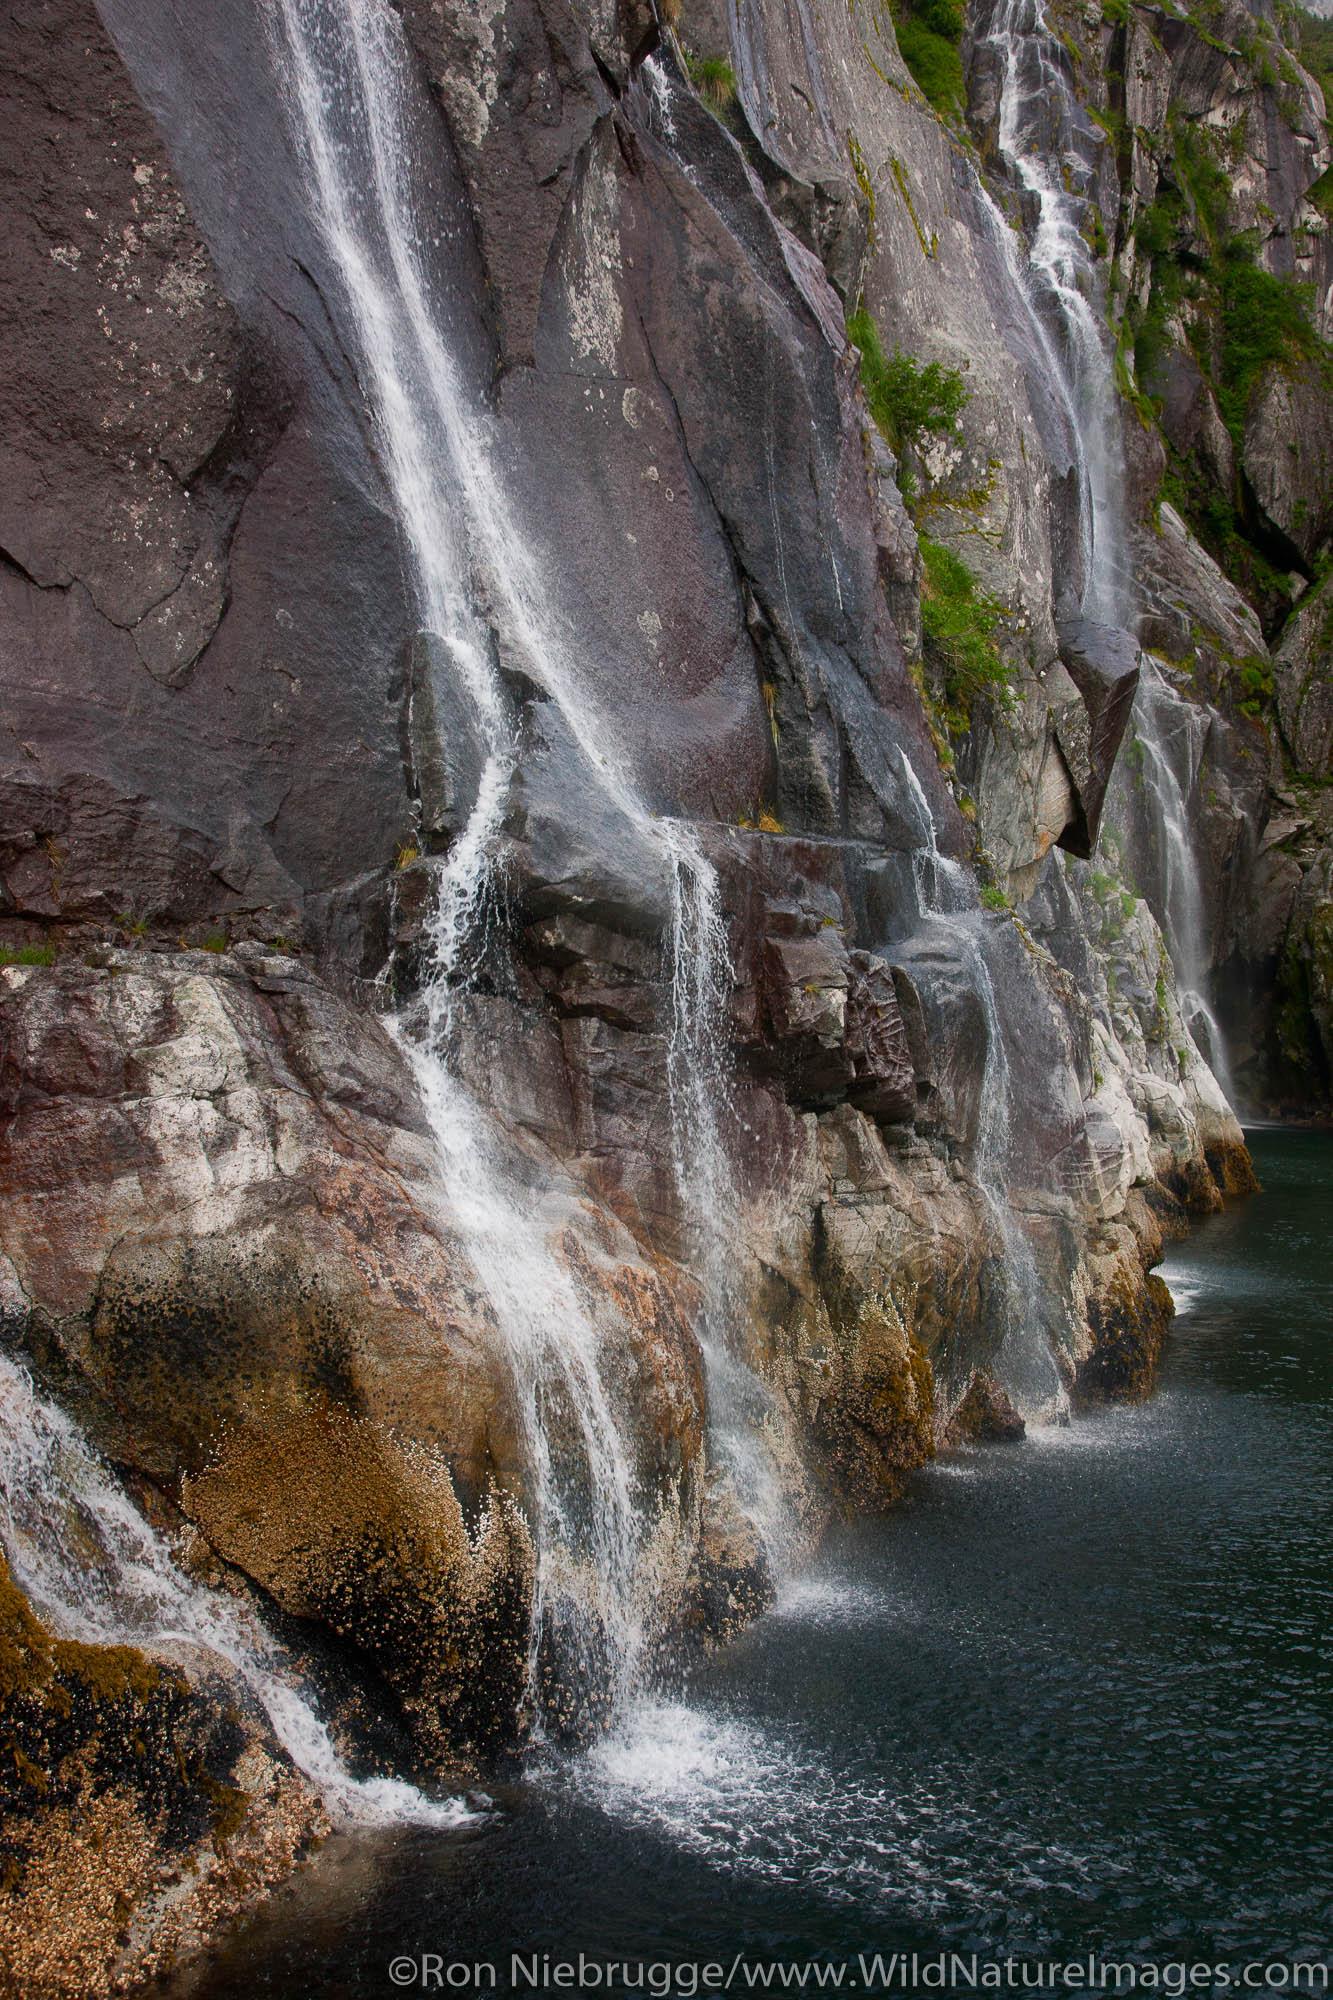 Waterfalls in Cataract Cove, Kenai Fjords National Park, near Seward, Alaska.